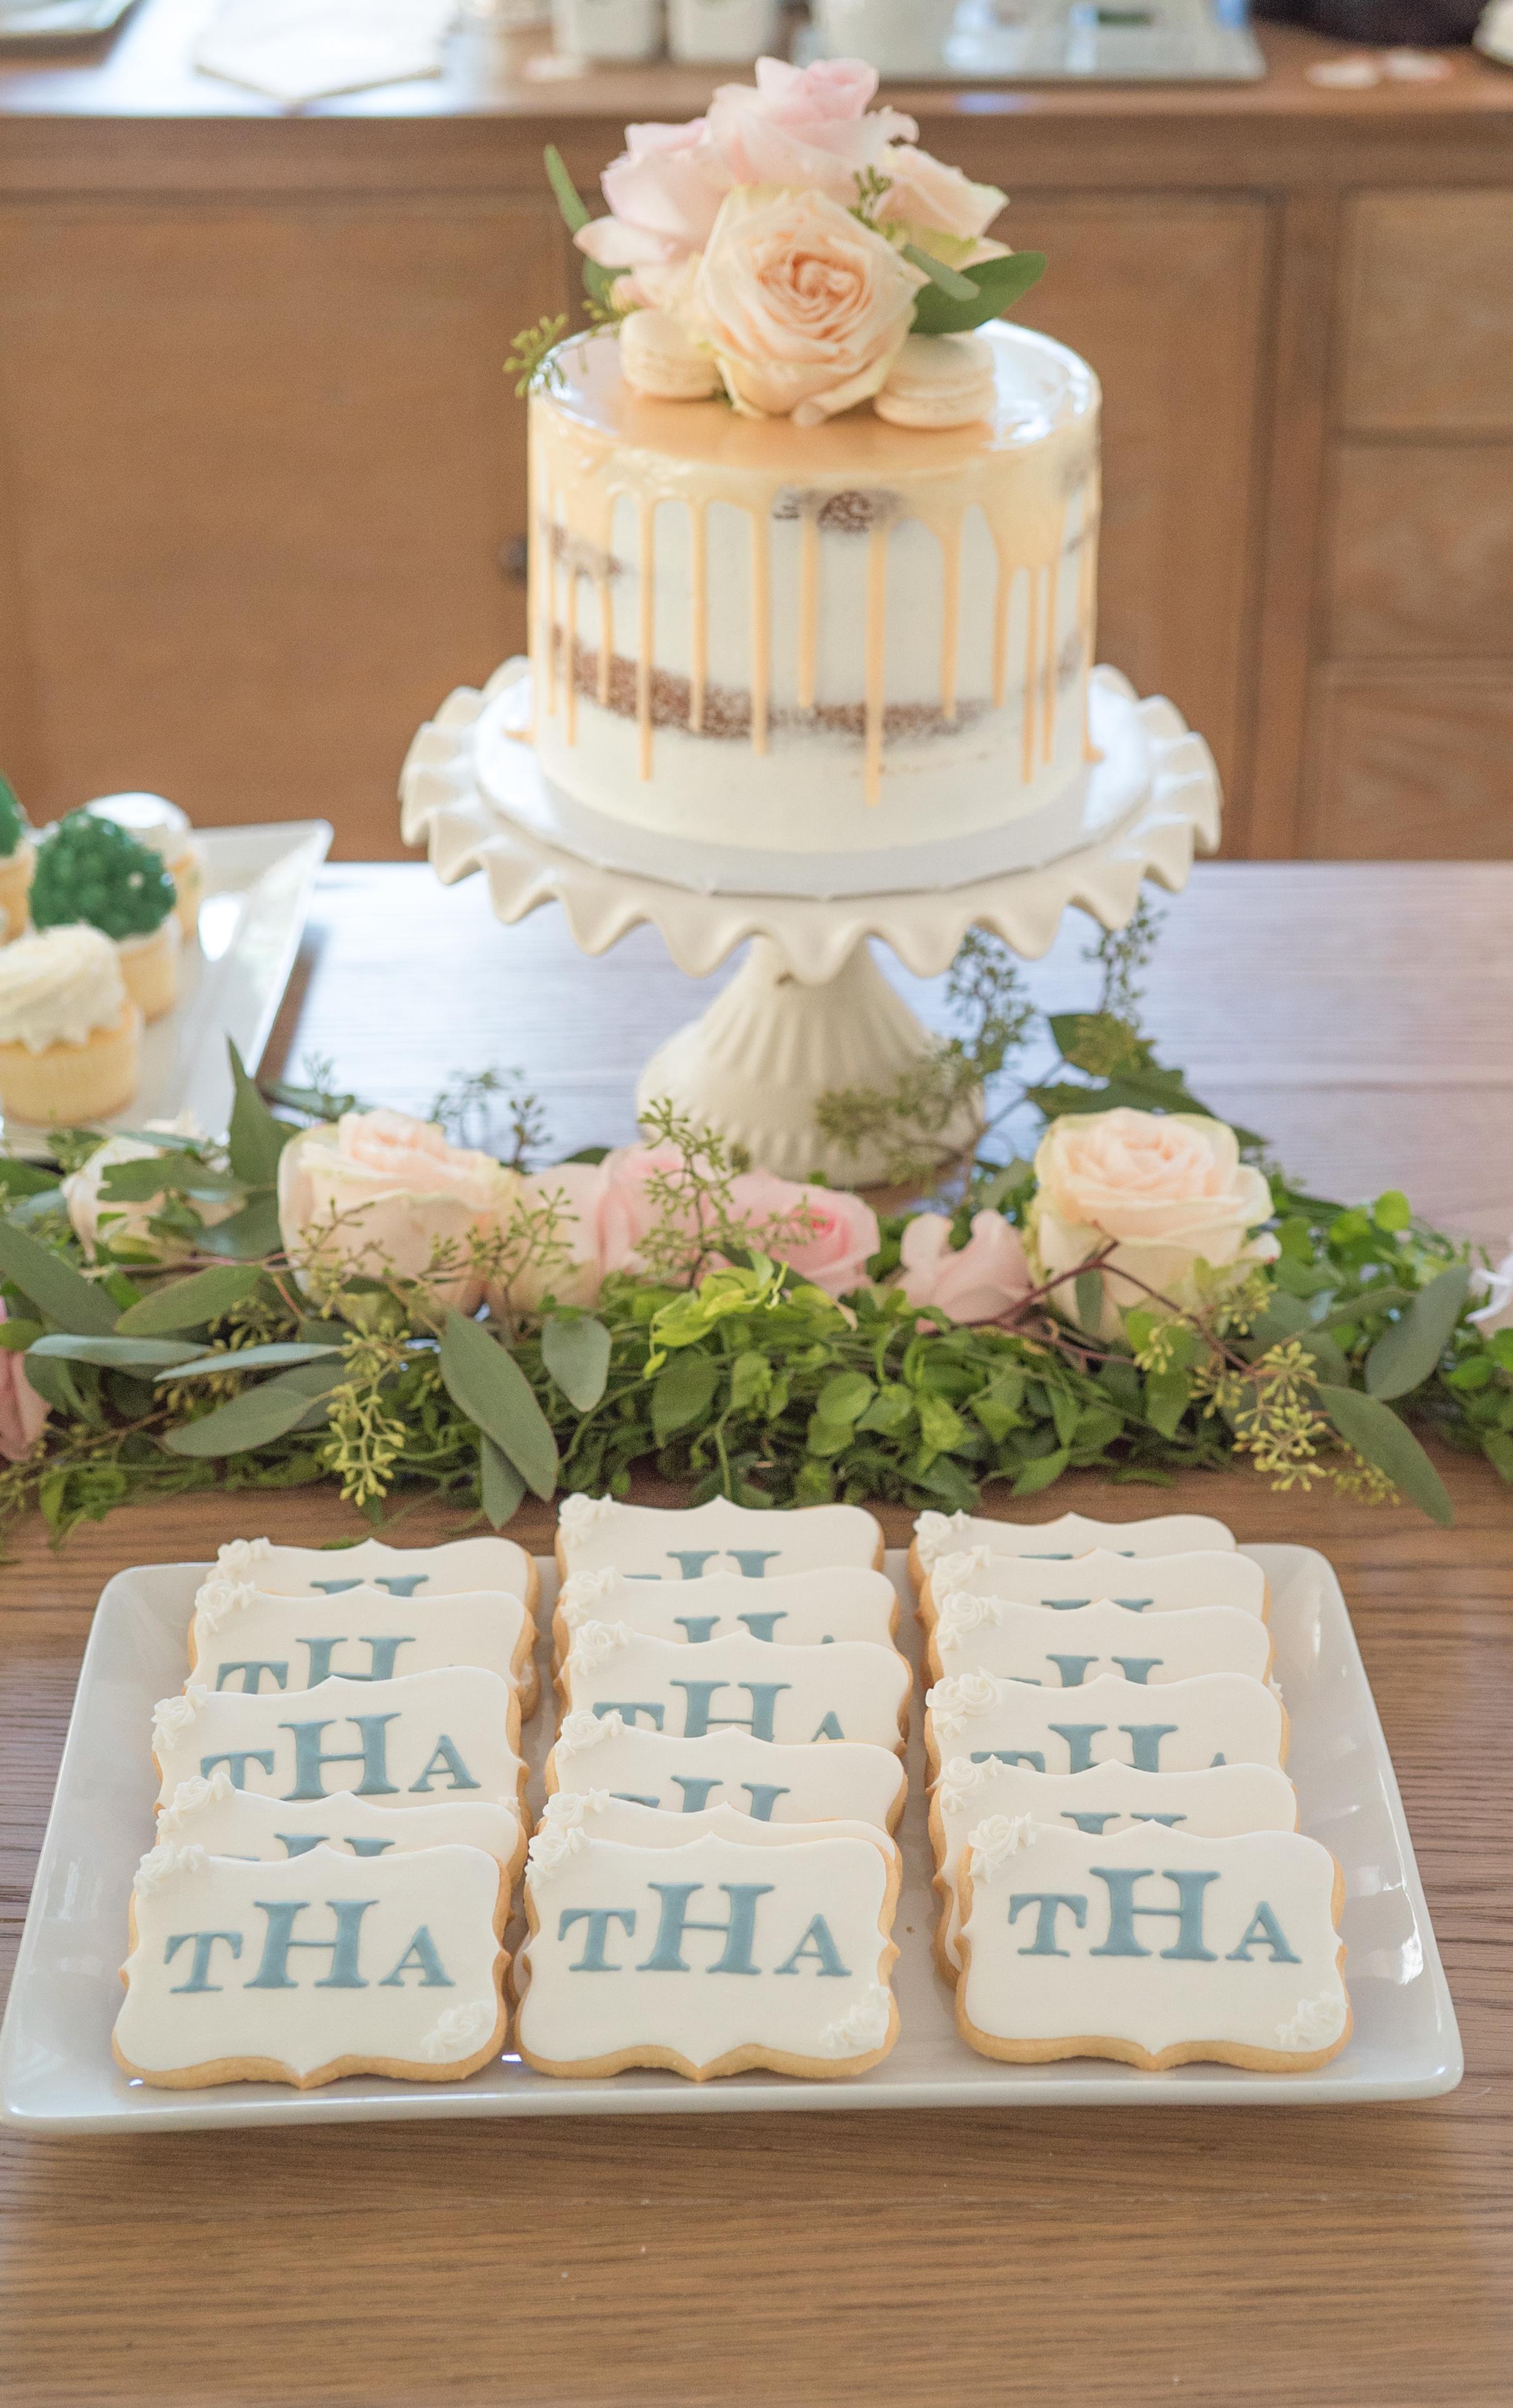 Farina Baking Company | Vendor Highlight